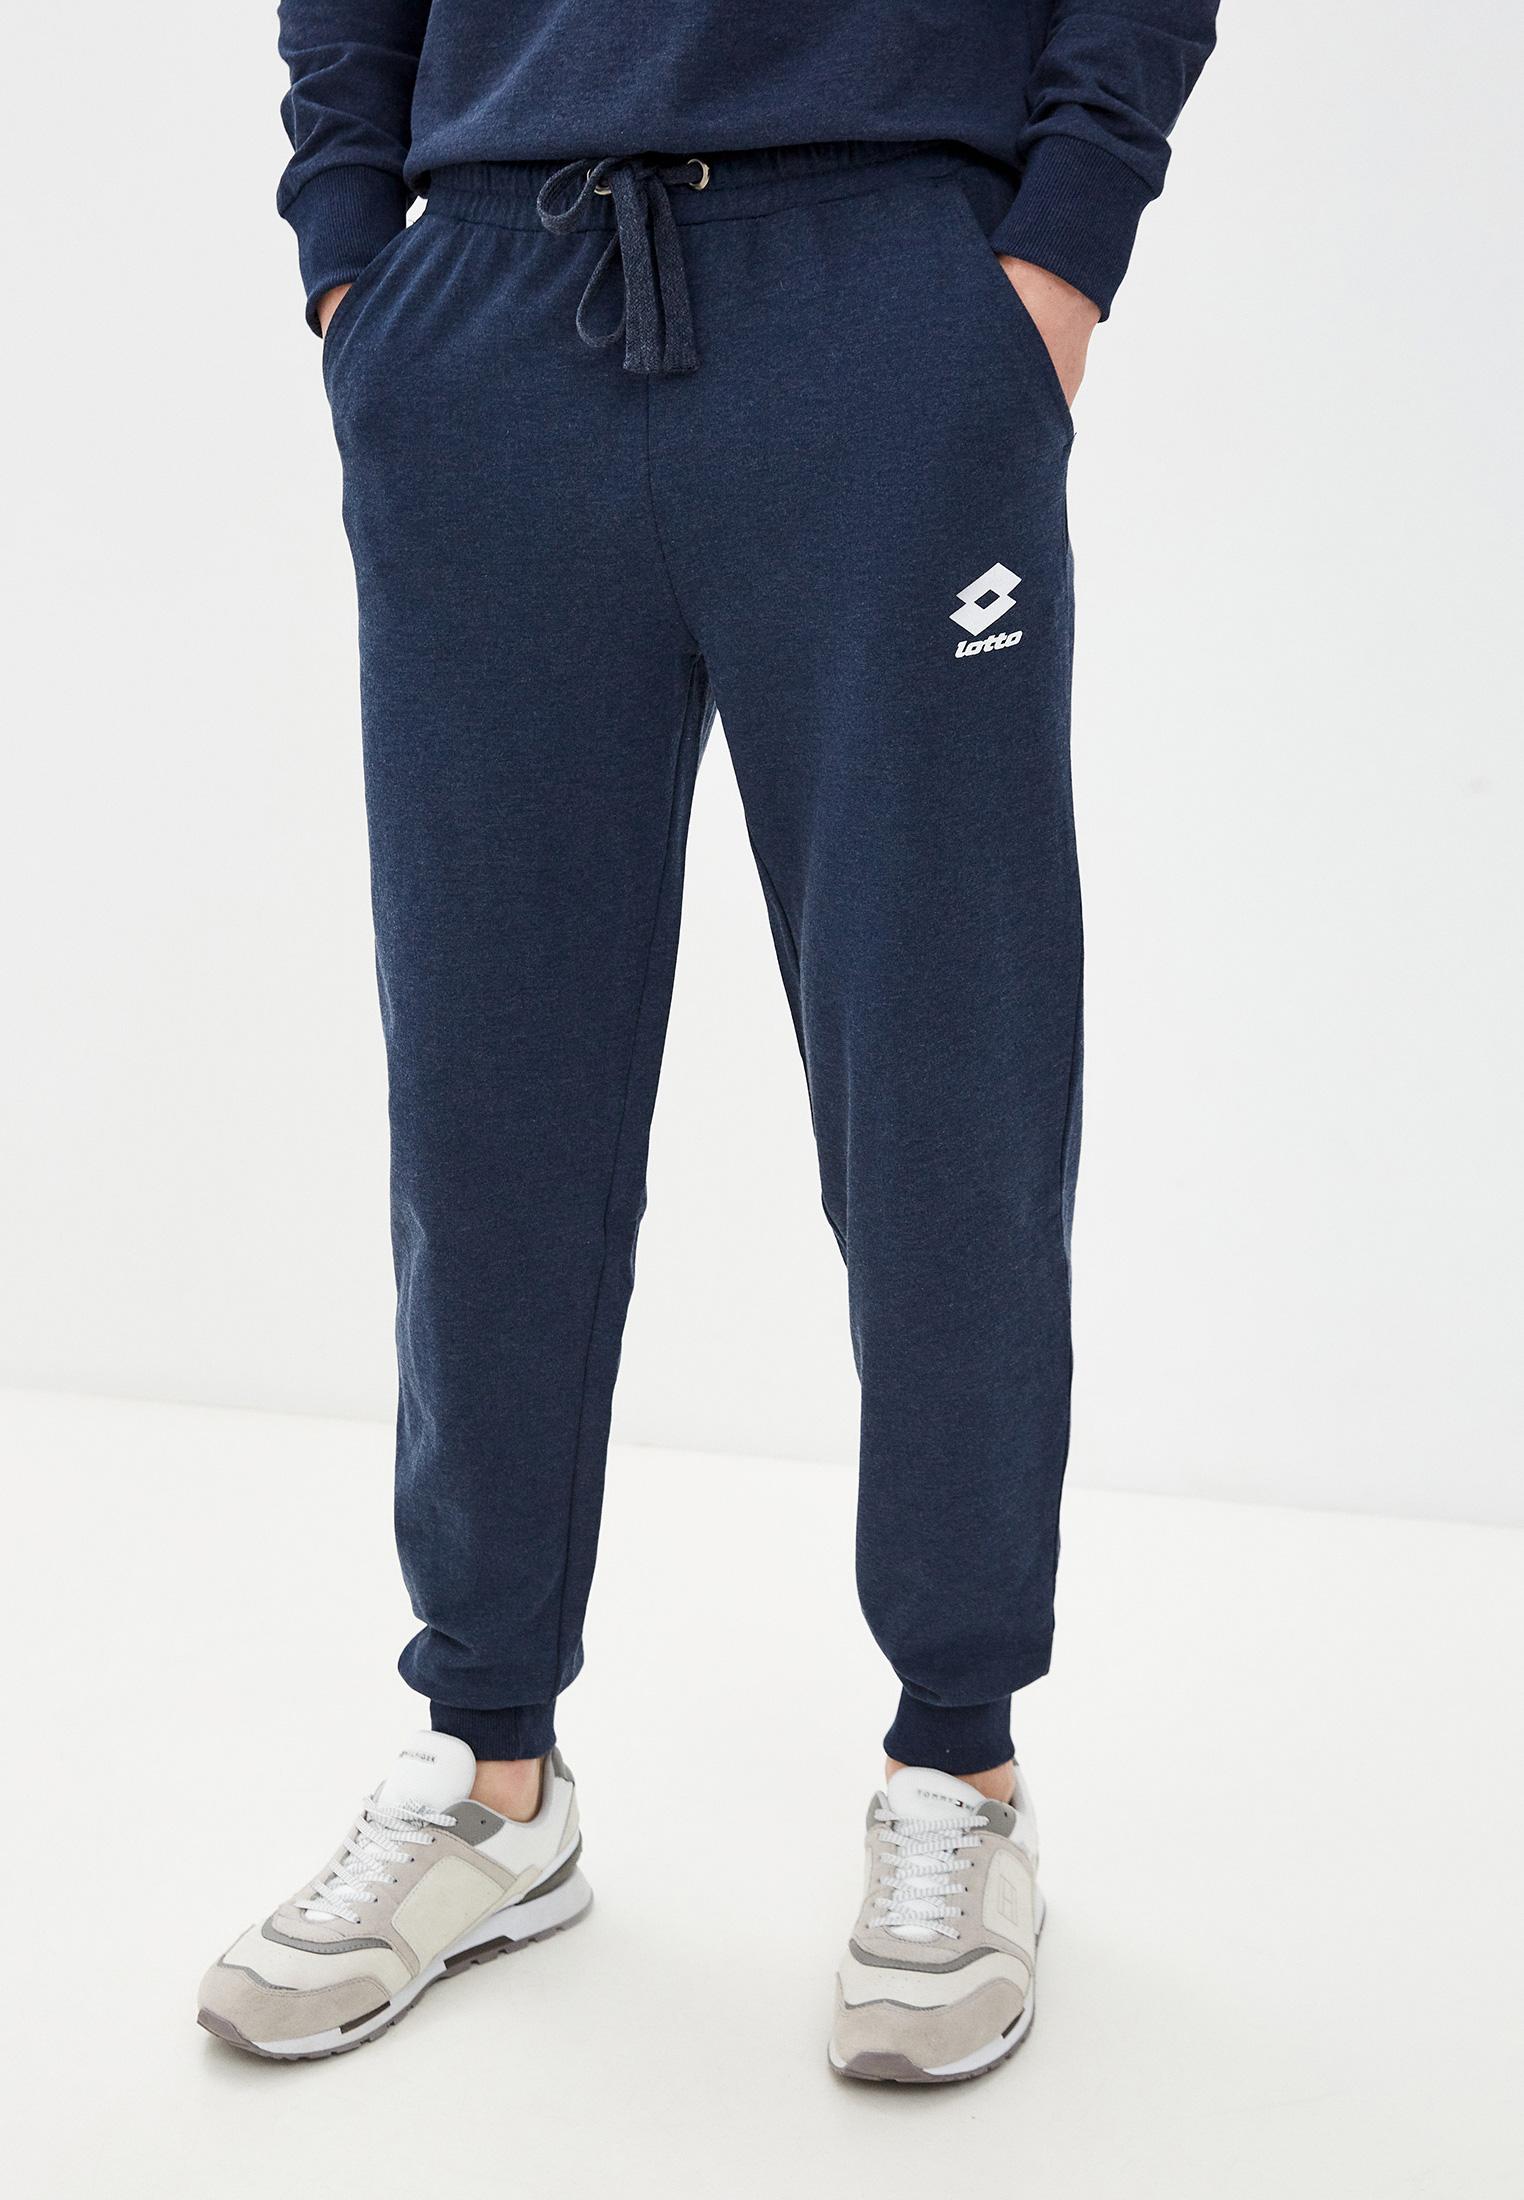 Мужские спортивные брюки Lotto 550920